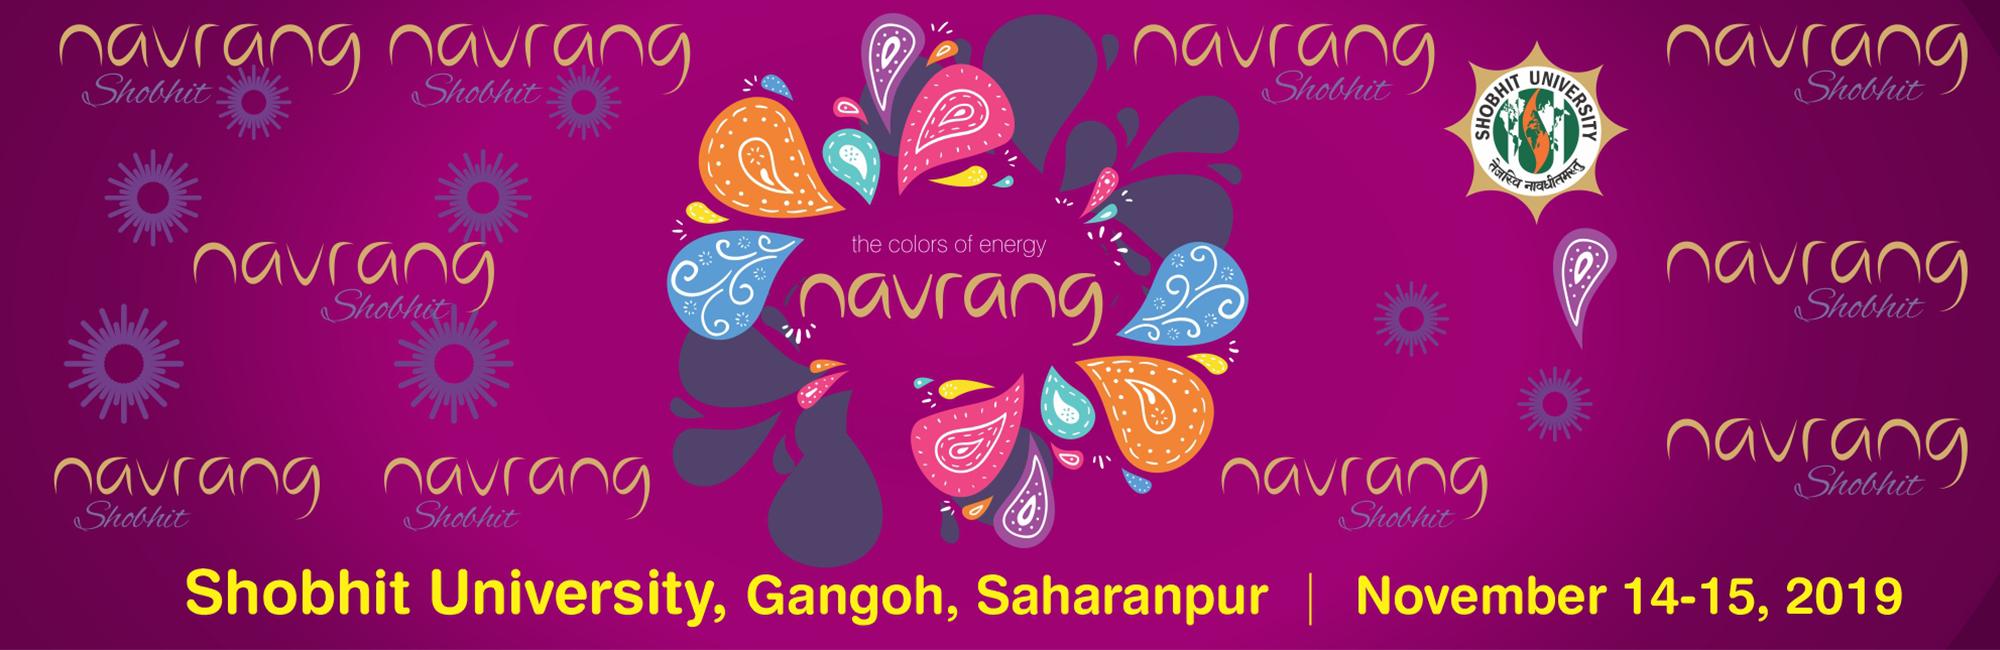 Shobhit University Navrang